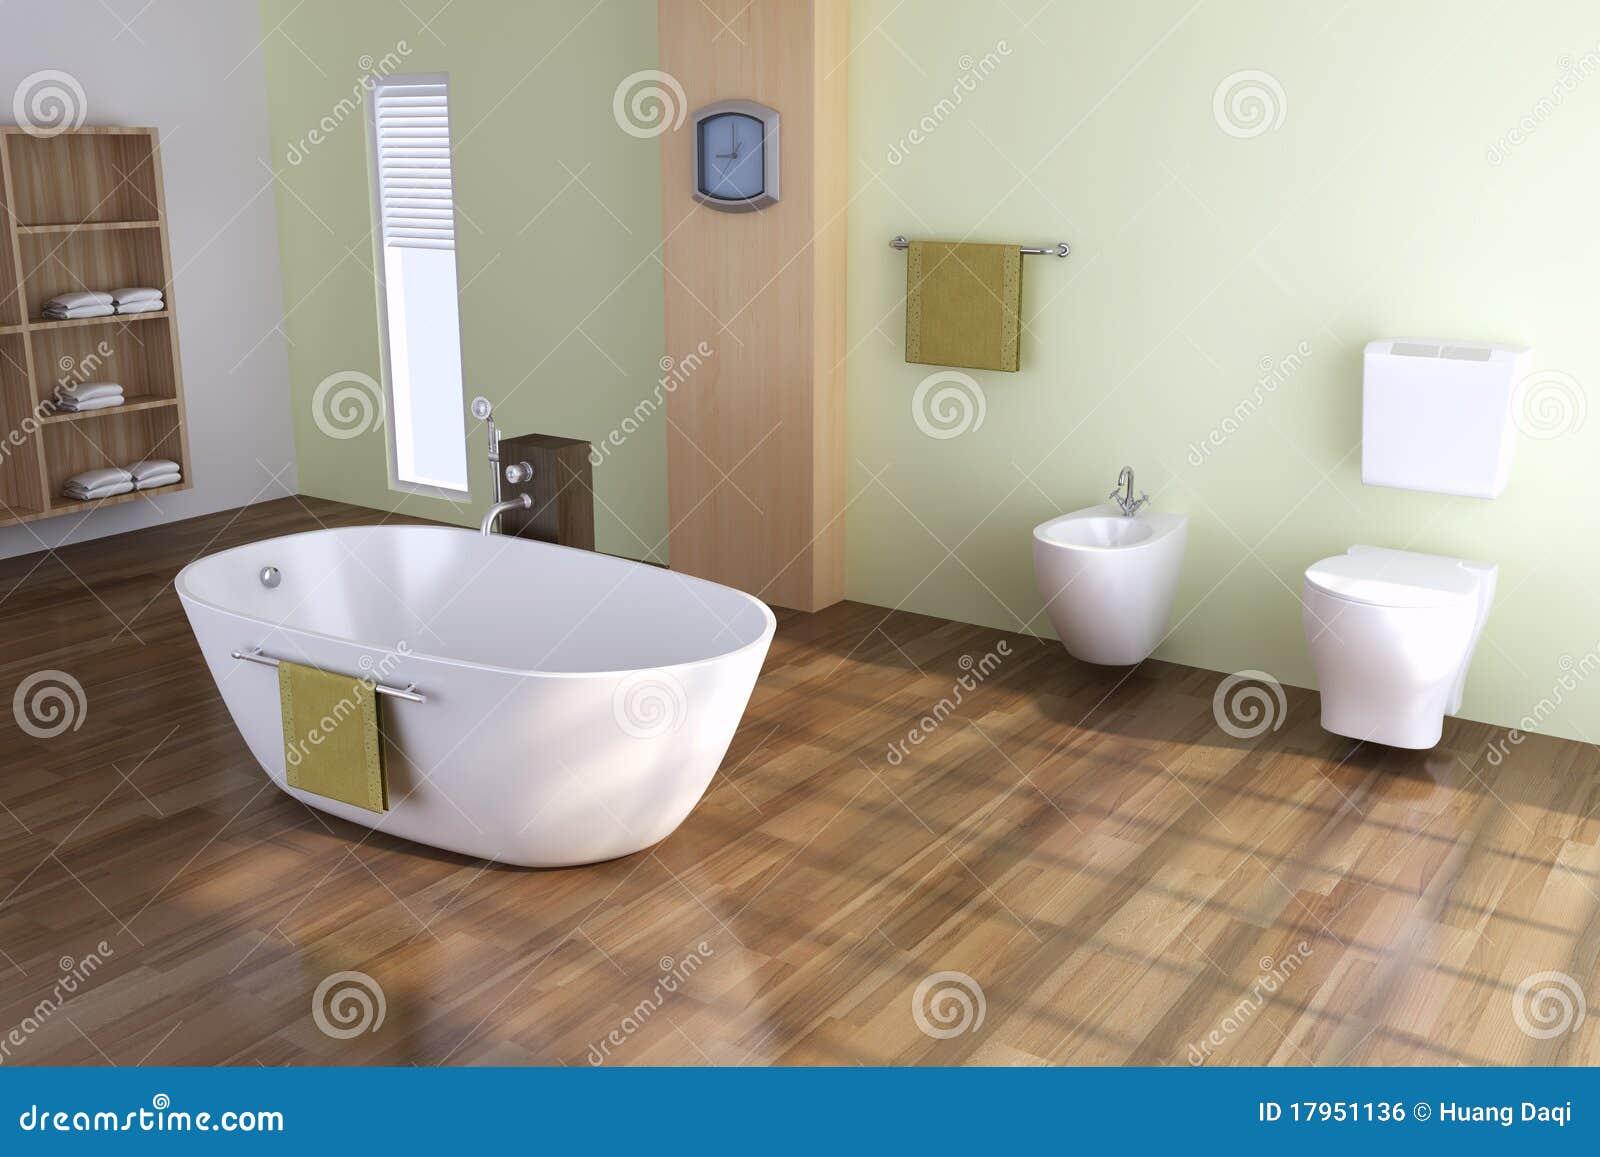 Toilette moderne image libre de droits image 17951136 - Photo de toilette moderne ...